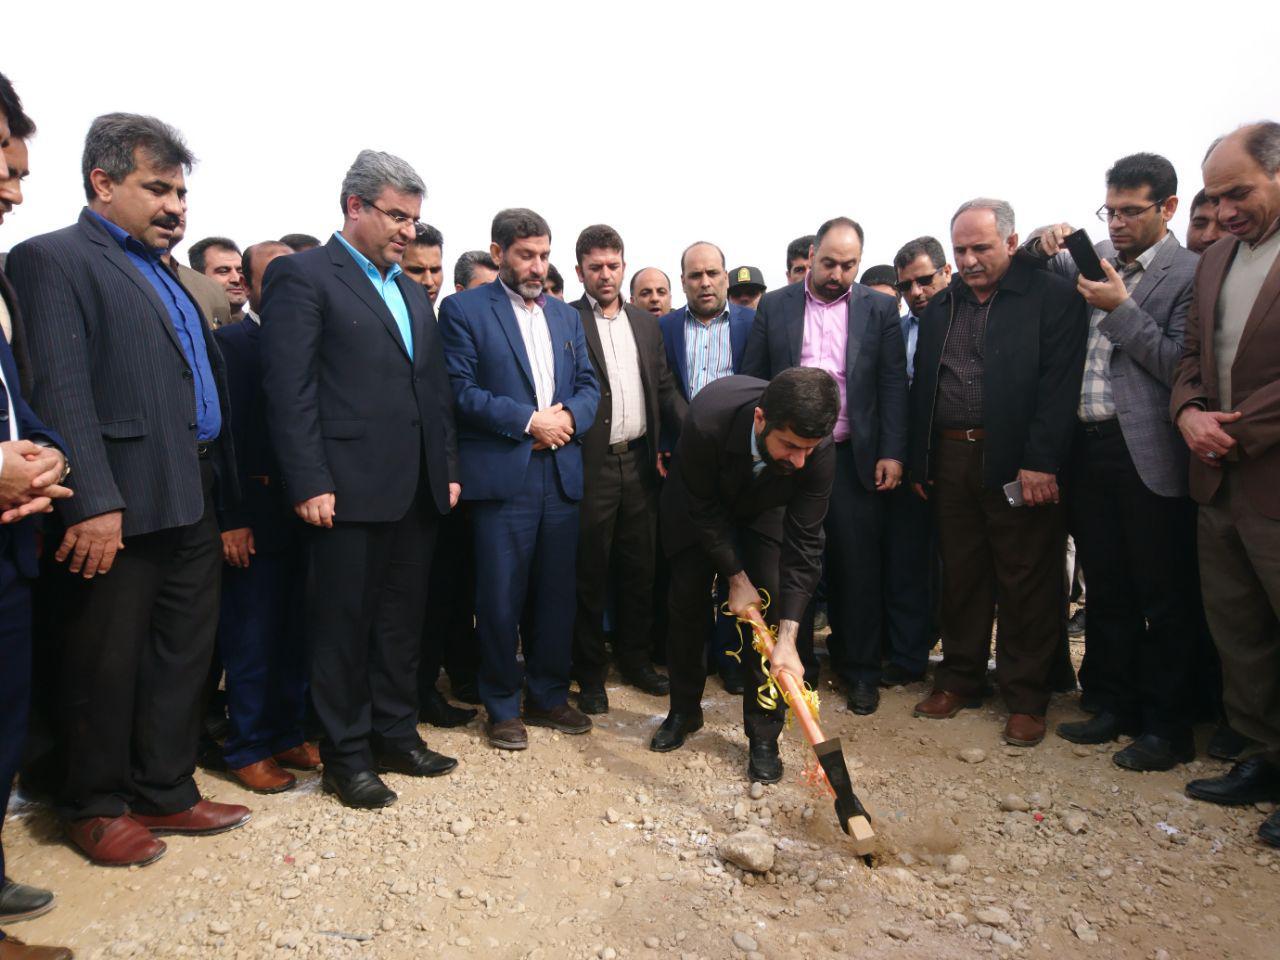 عملیات اجرایی احداث 22 باب مدرسه در شهرستان های شوشتر و گتوند با حضور استاندار خوزستان آغاز شد